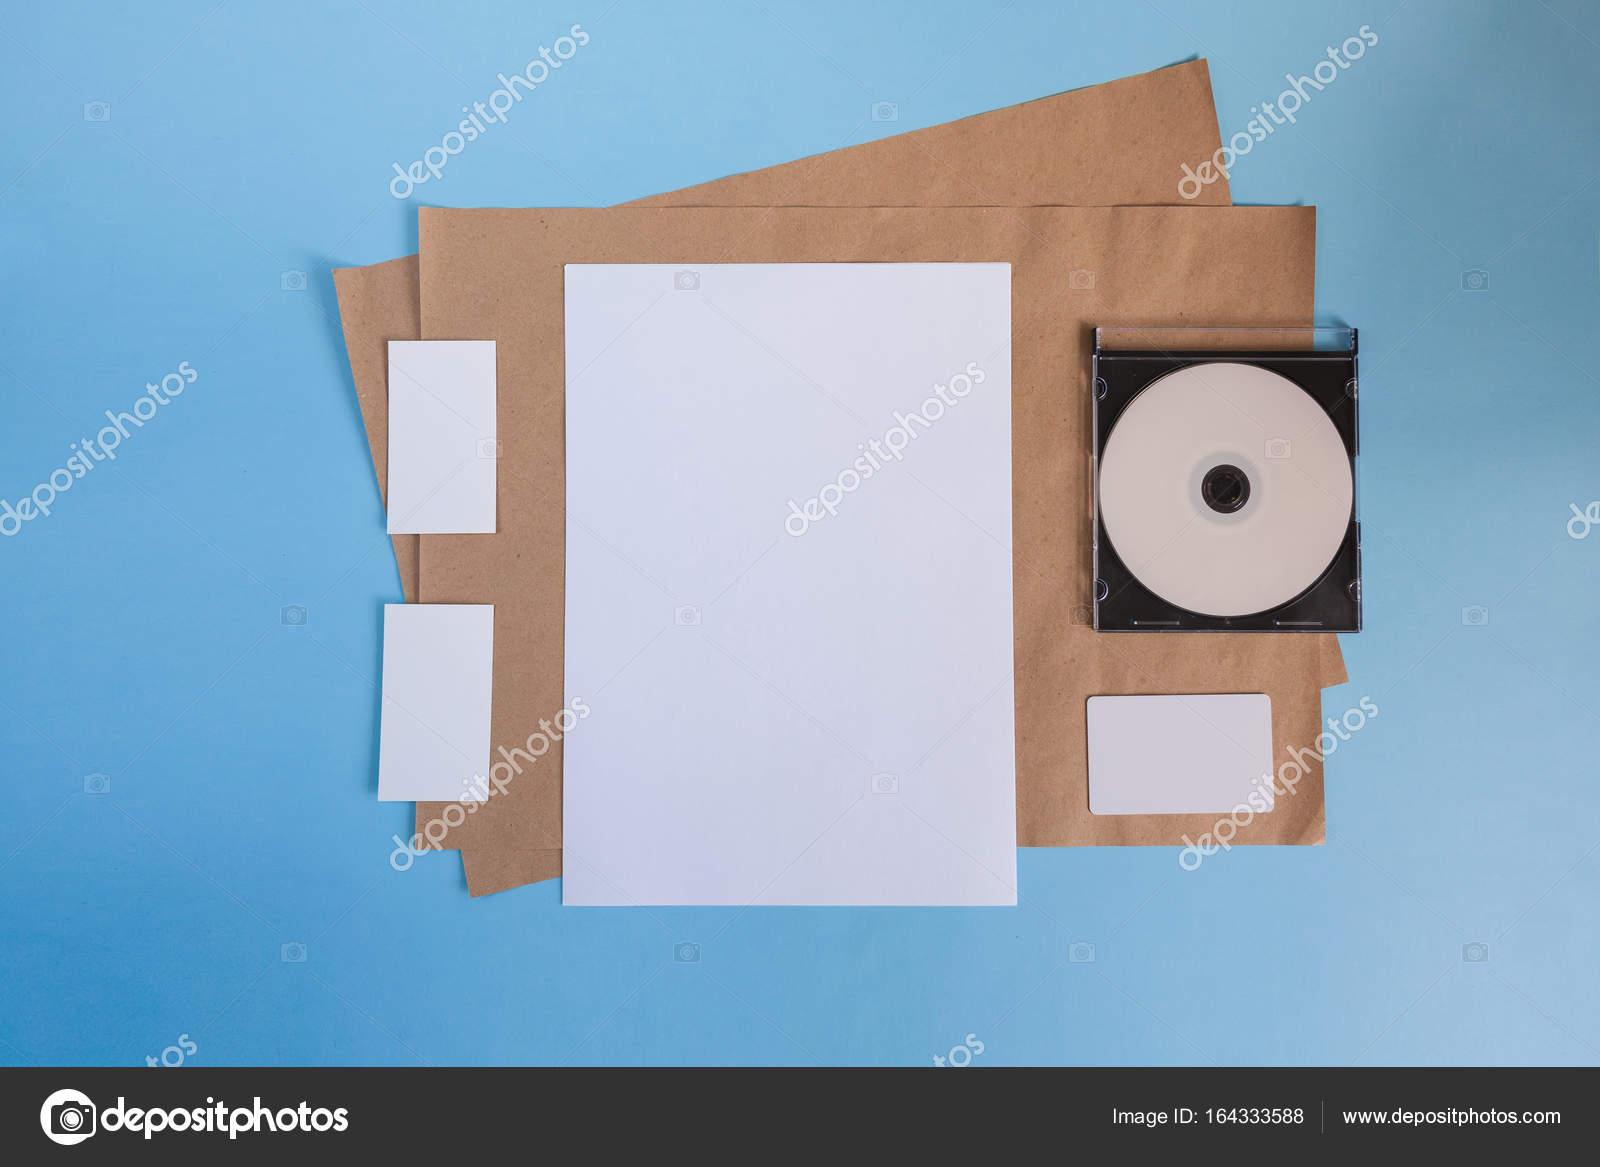 Papier Blanc A4 Et Une Carte De Visite Sur Un Fond Bleu Maquette Brochure Images Stock Libres Droits